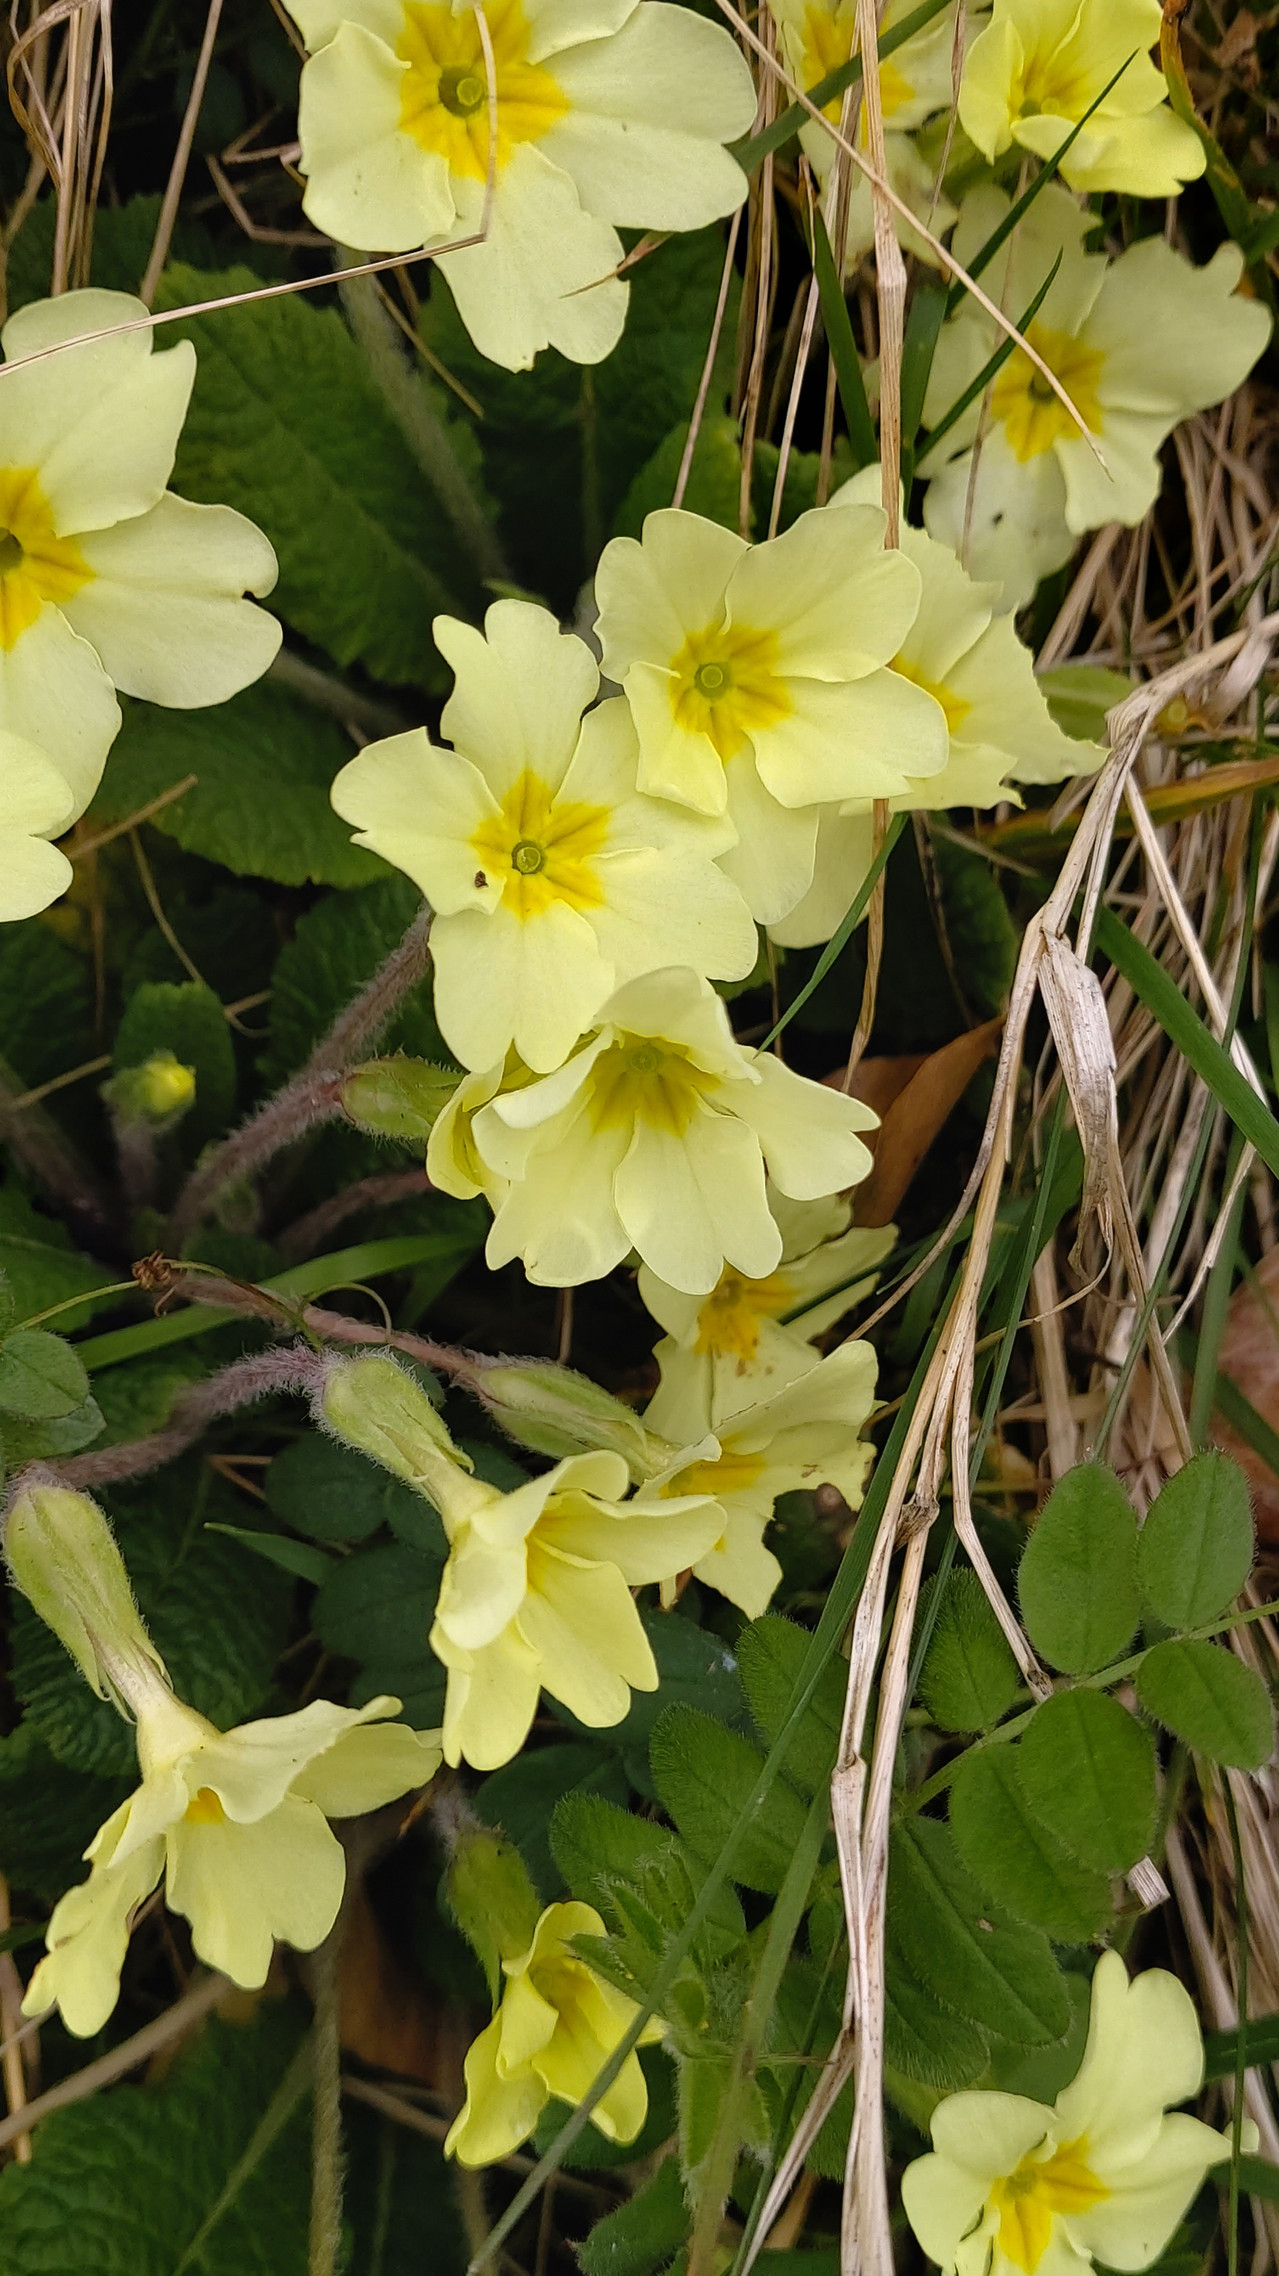 Rampant primroses this year!